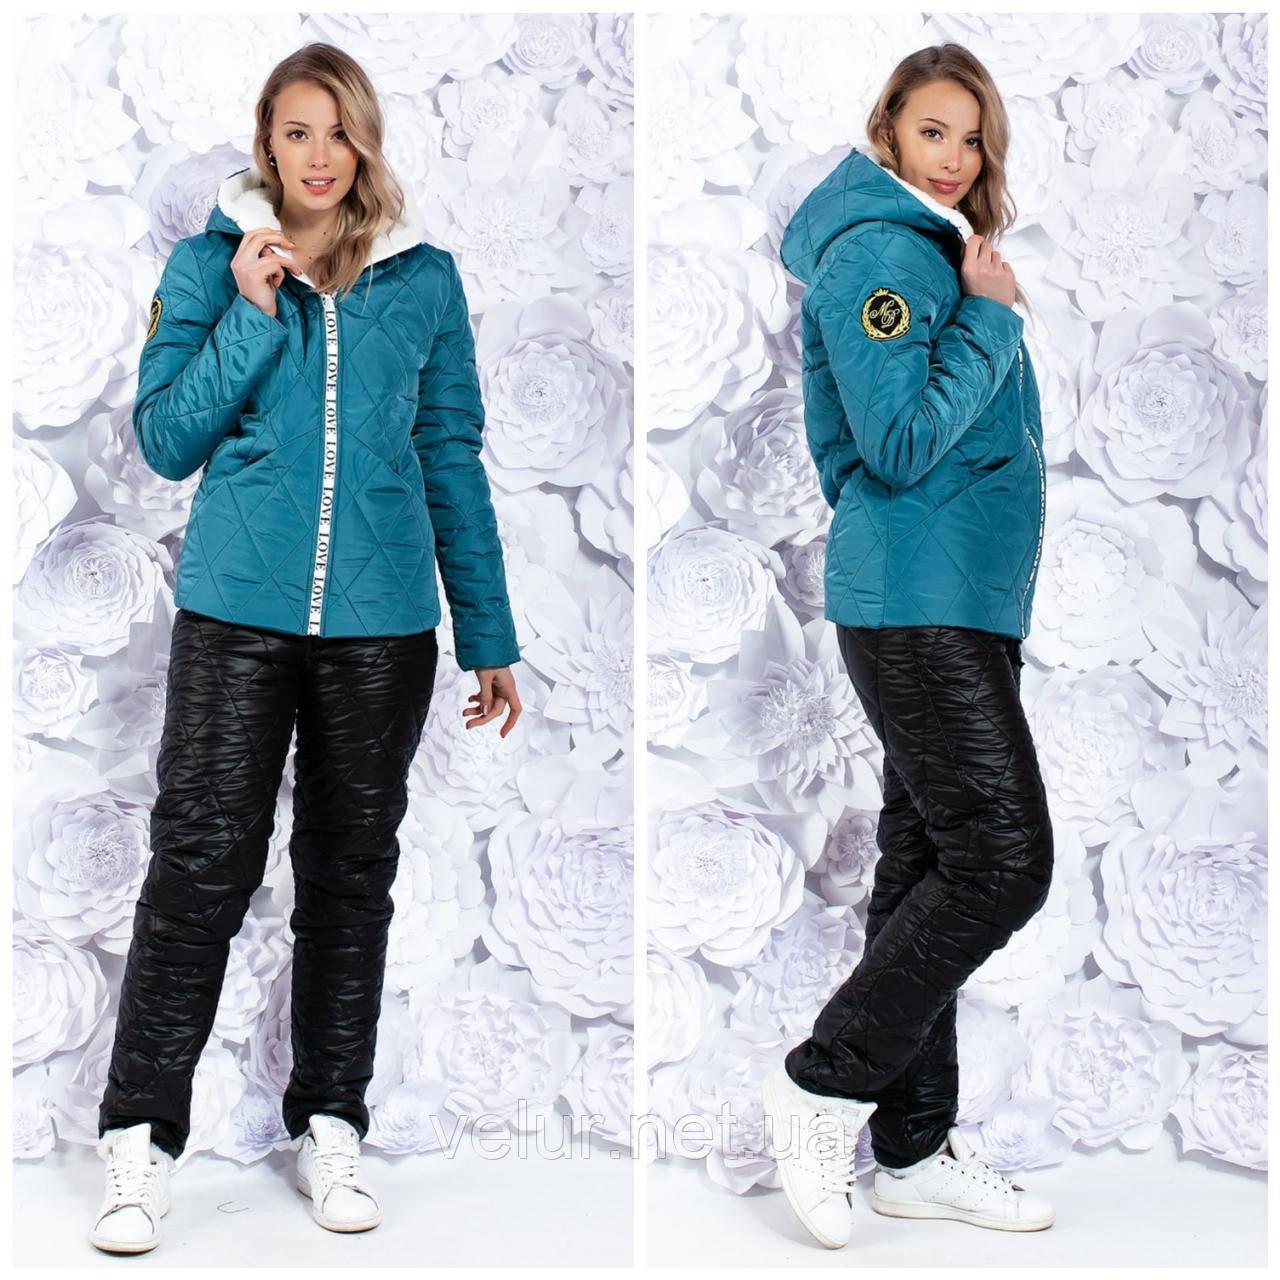 Зимовий жіночий лижний костюм про-во Україна, 3 кольори , розмір 50-52,54-56